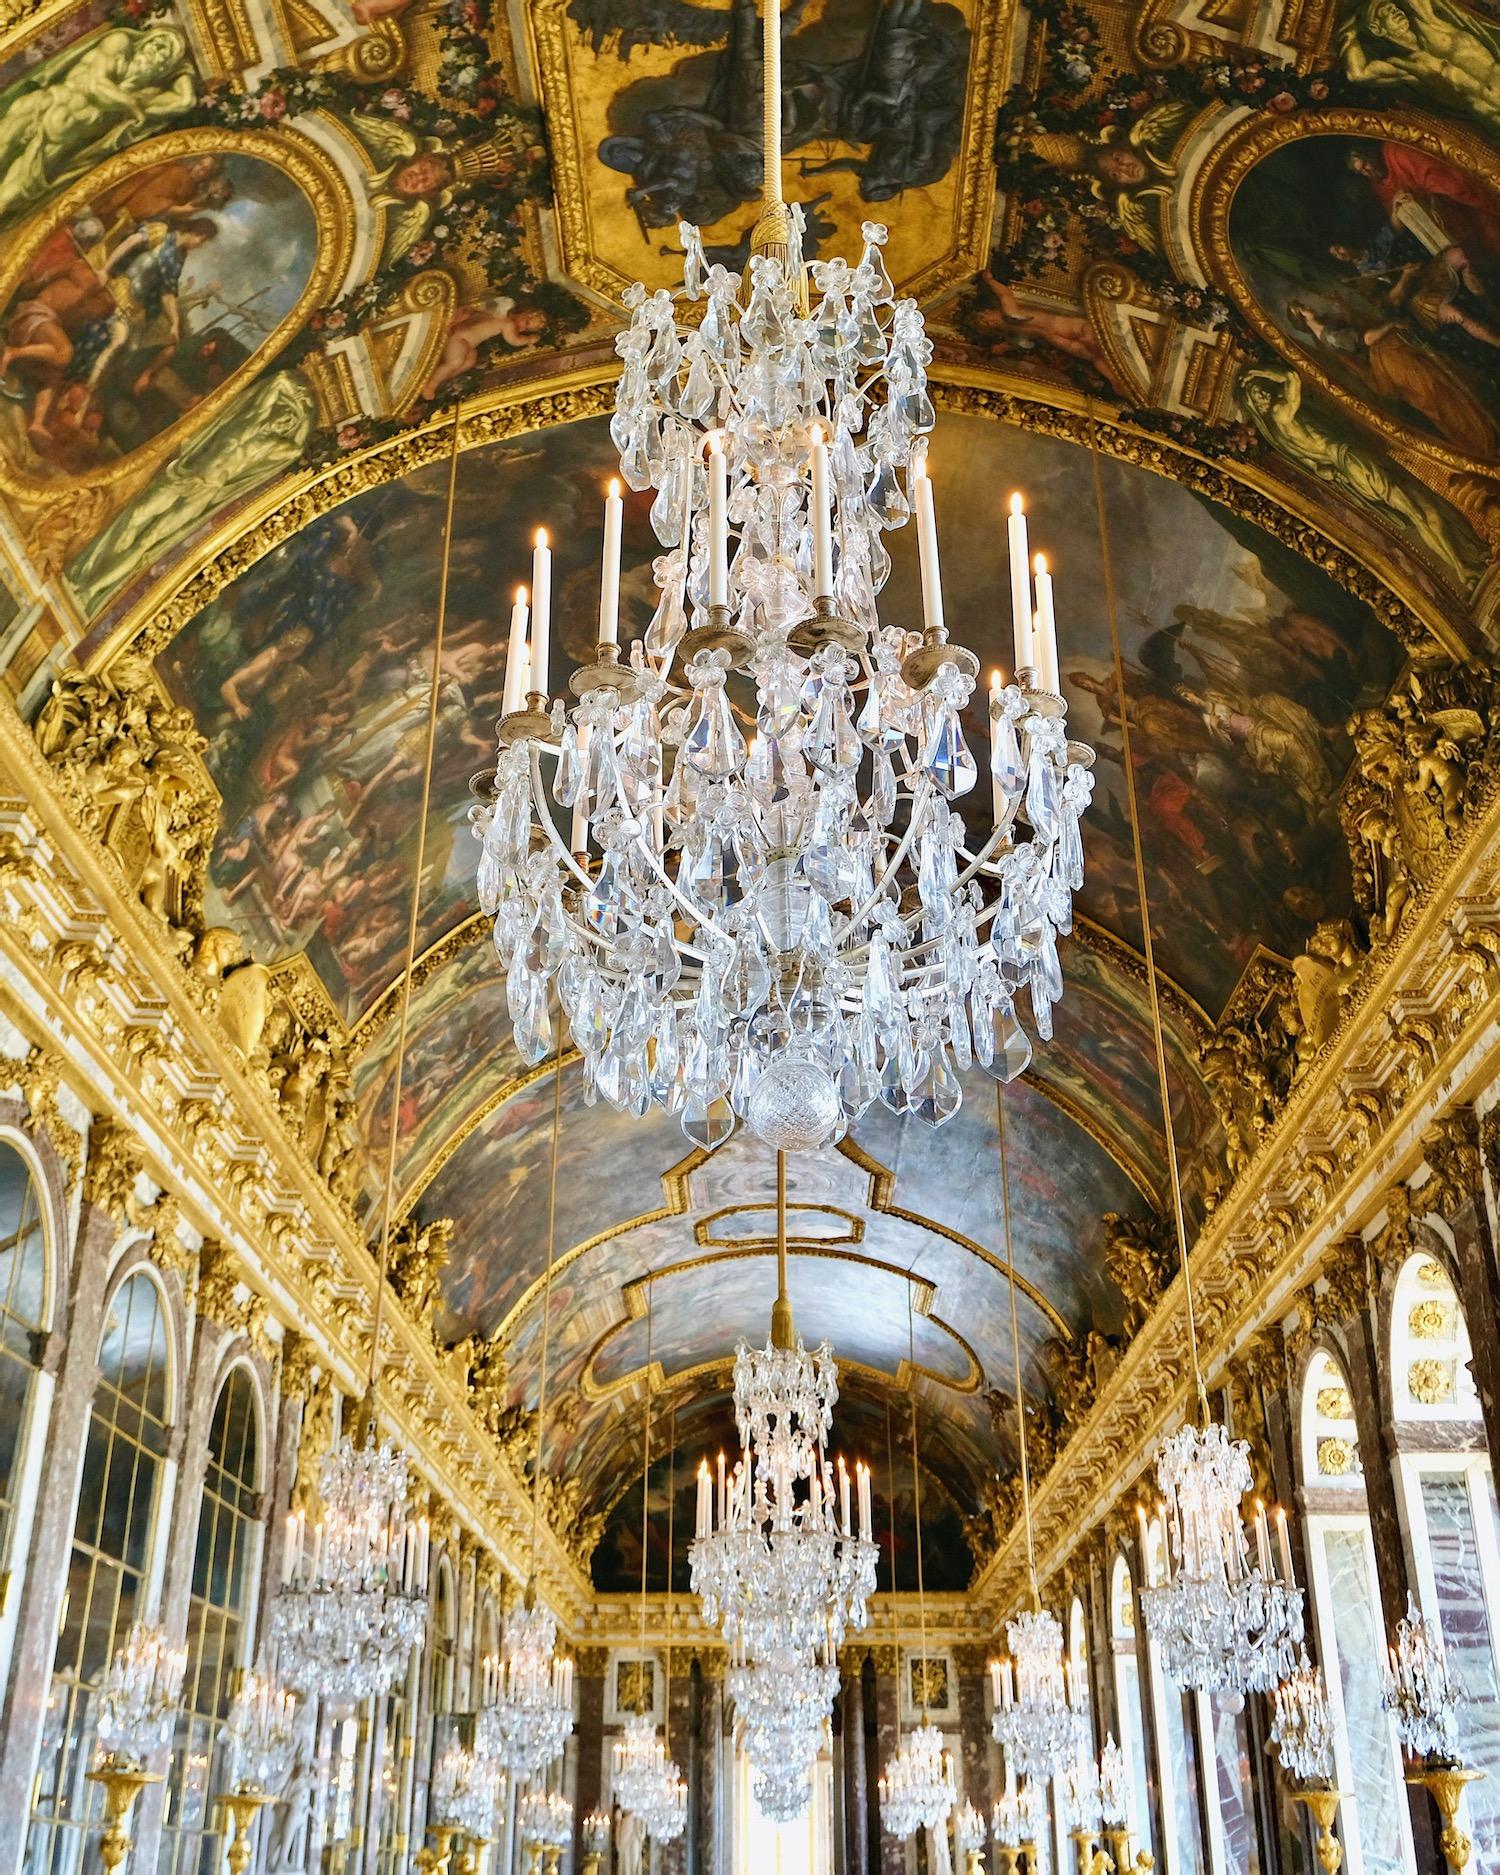 weekend links week 20 hall of mirrors in chateau de versailles